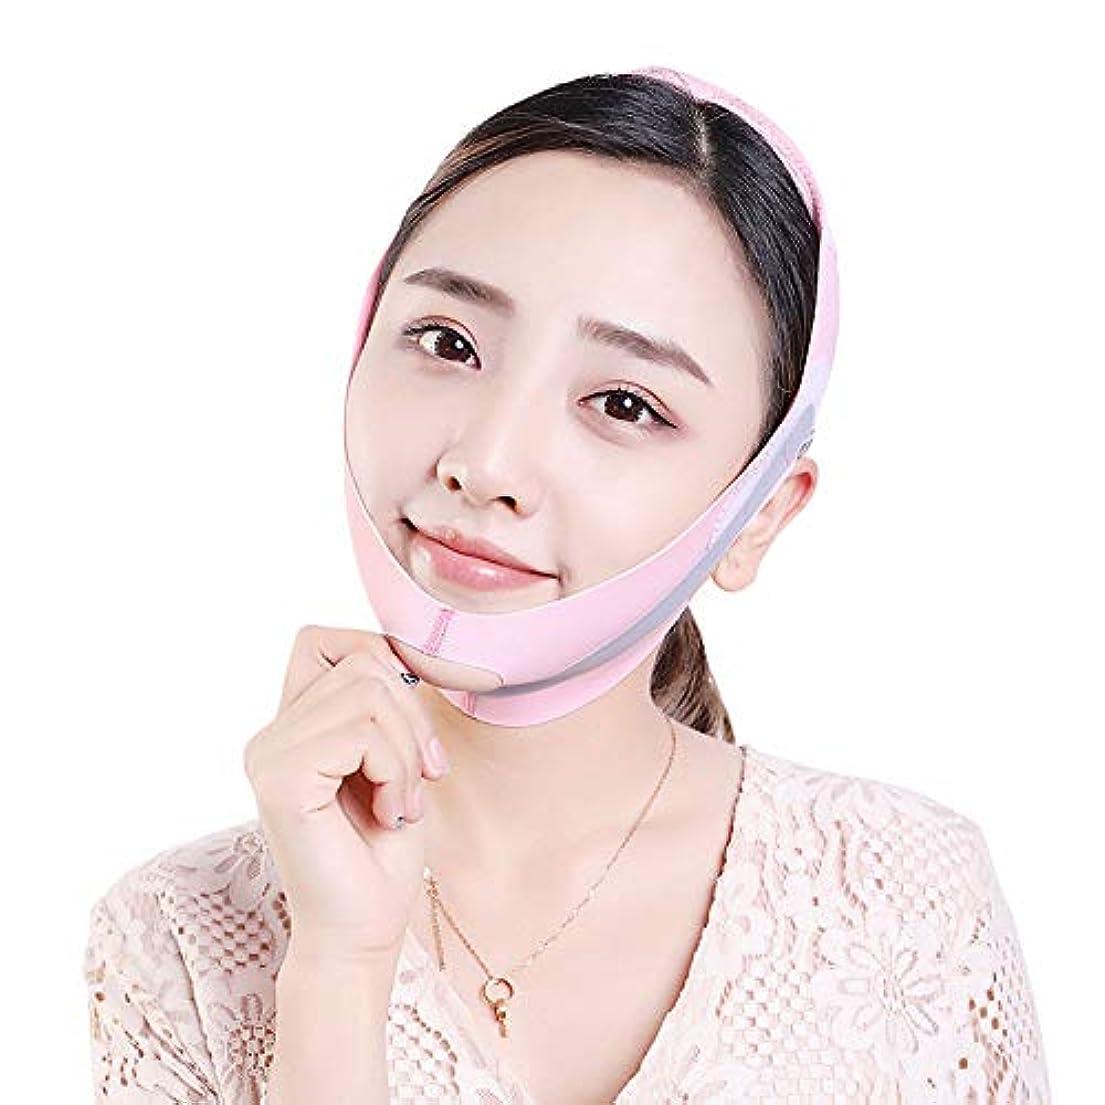 証明するおしゃれなラメ滑らかで フェイスマスク、Vフェイス包帯/リフティング咬筋収縮あご/ネックサポートリフトVフェイスベルト(ピンク)